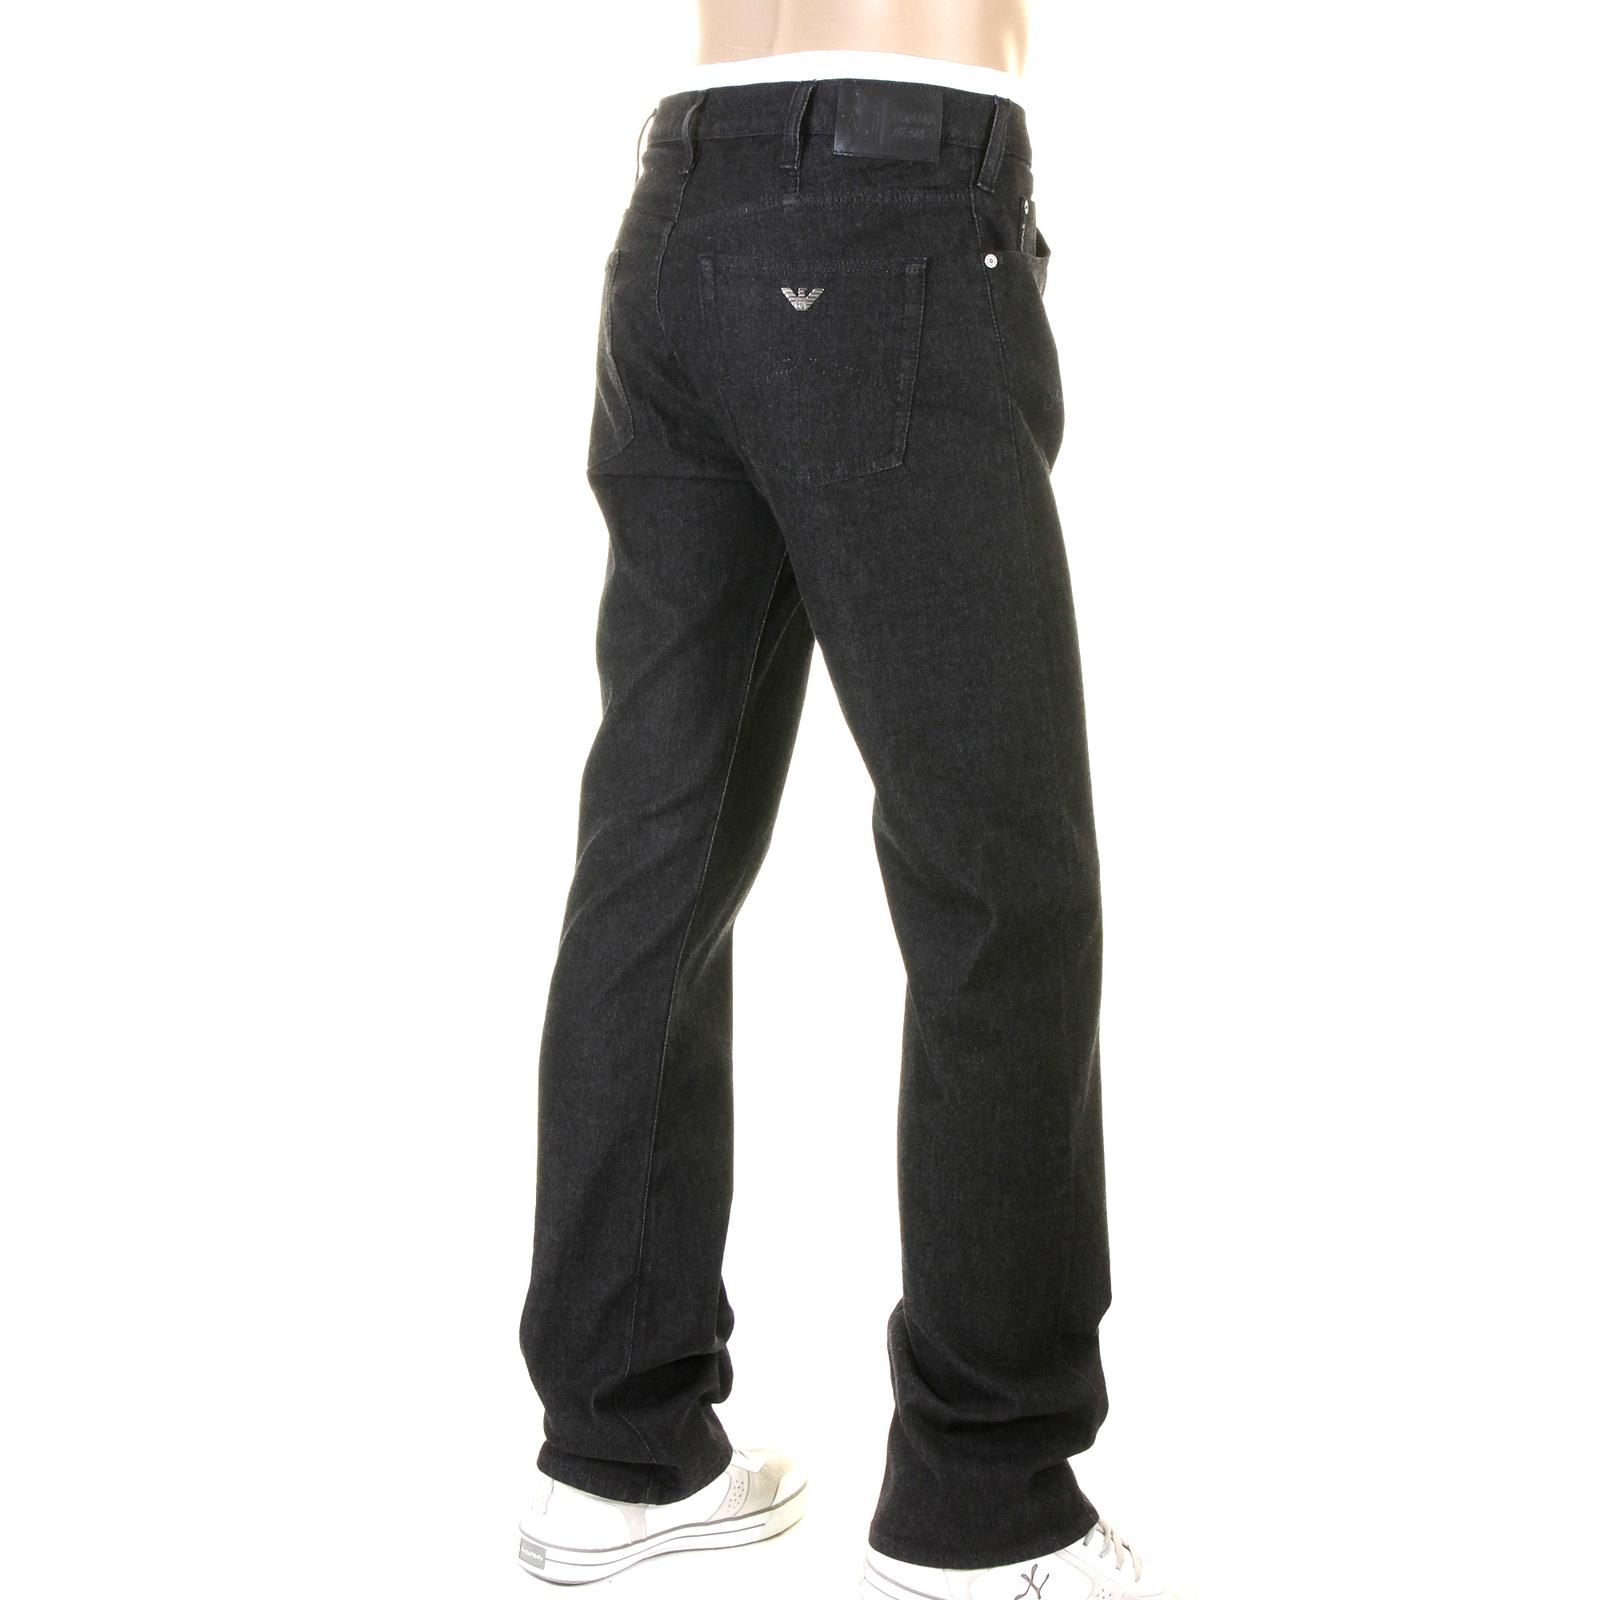 armani jeans j21 regular fit black stretch denim jean